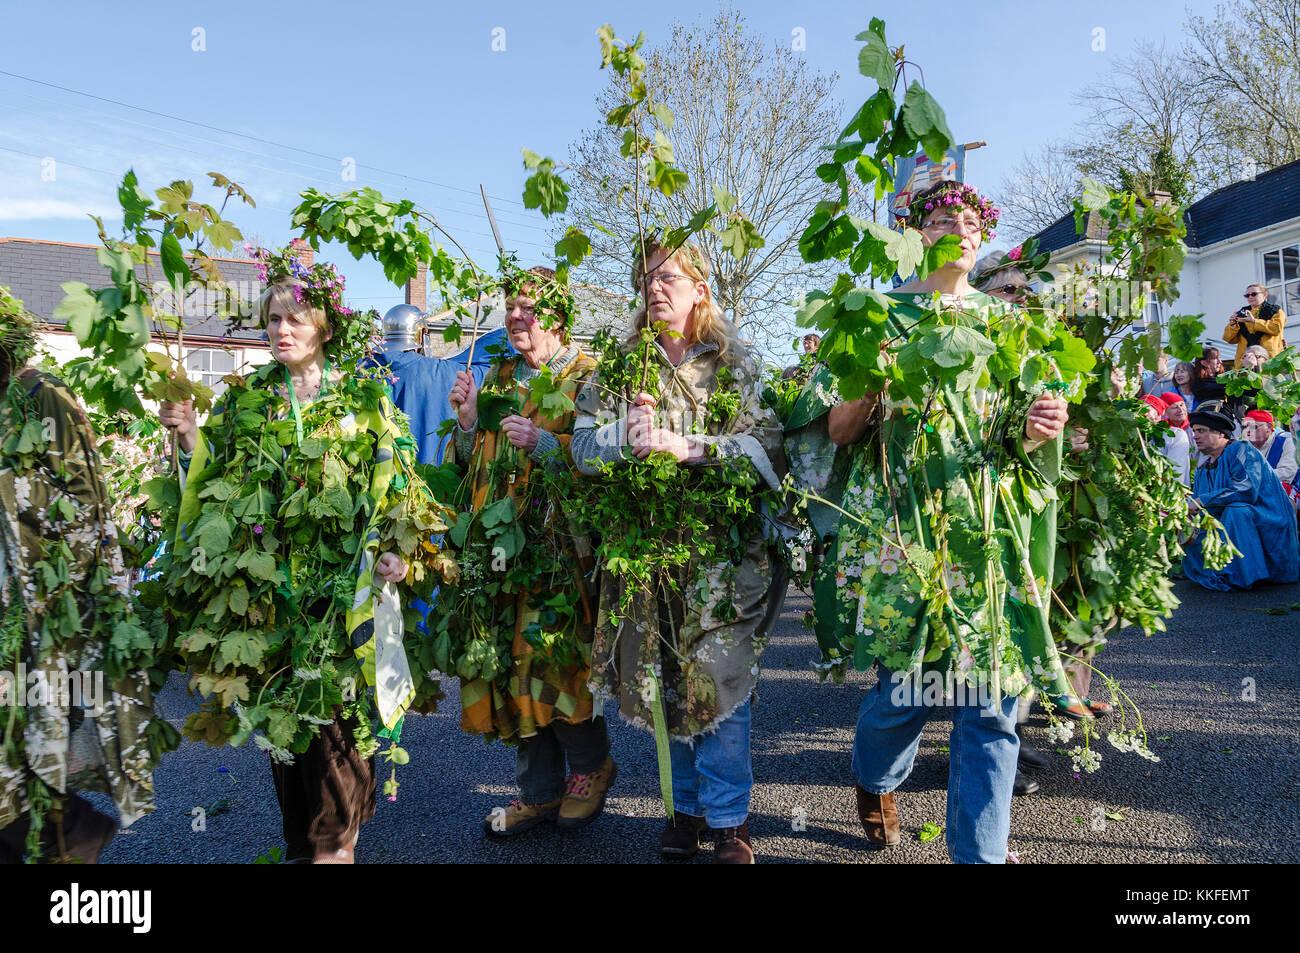 Los participantes en el hal-un-tow pageant sobre flora día en helston, Cornwall, Inglaterra, Reino Unido. Foto de stock